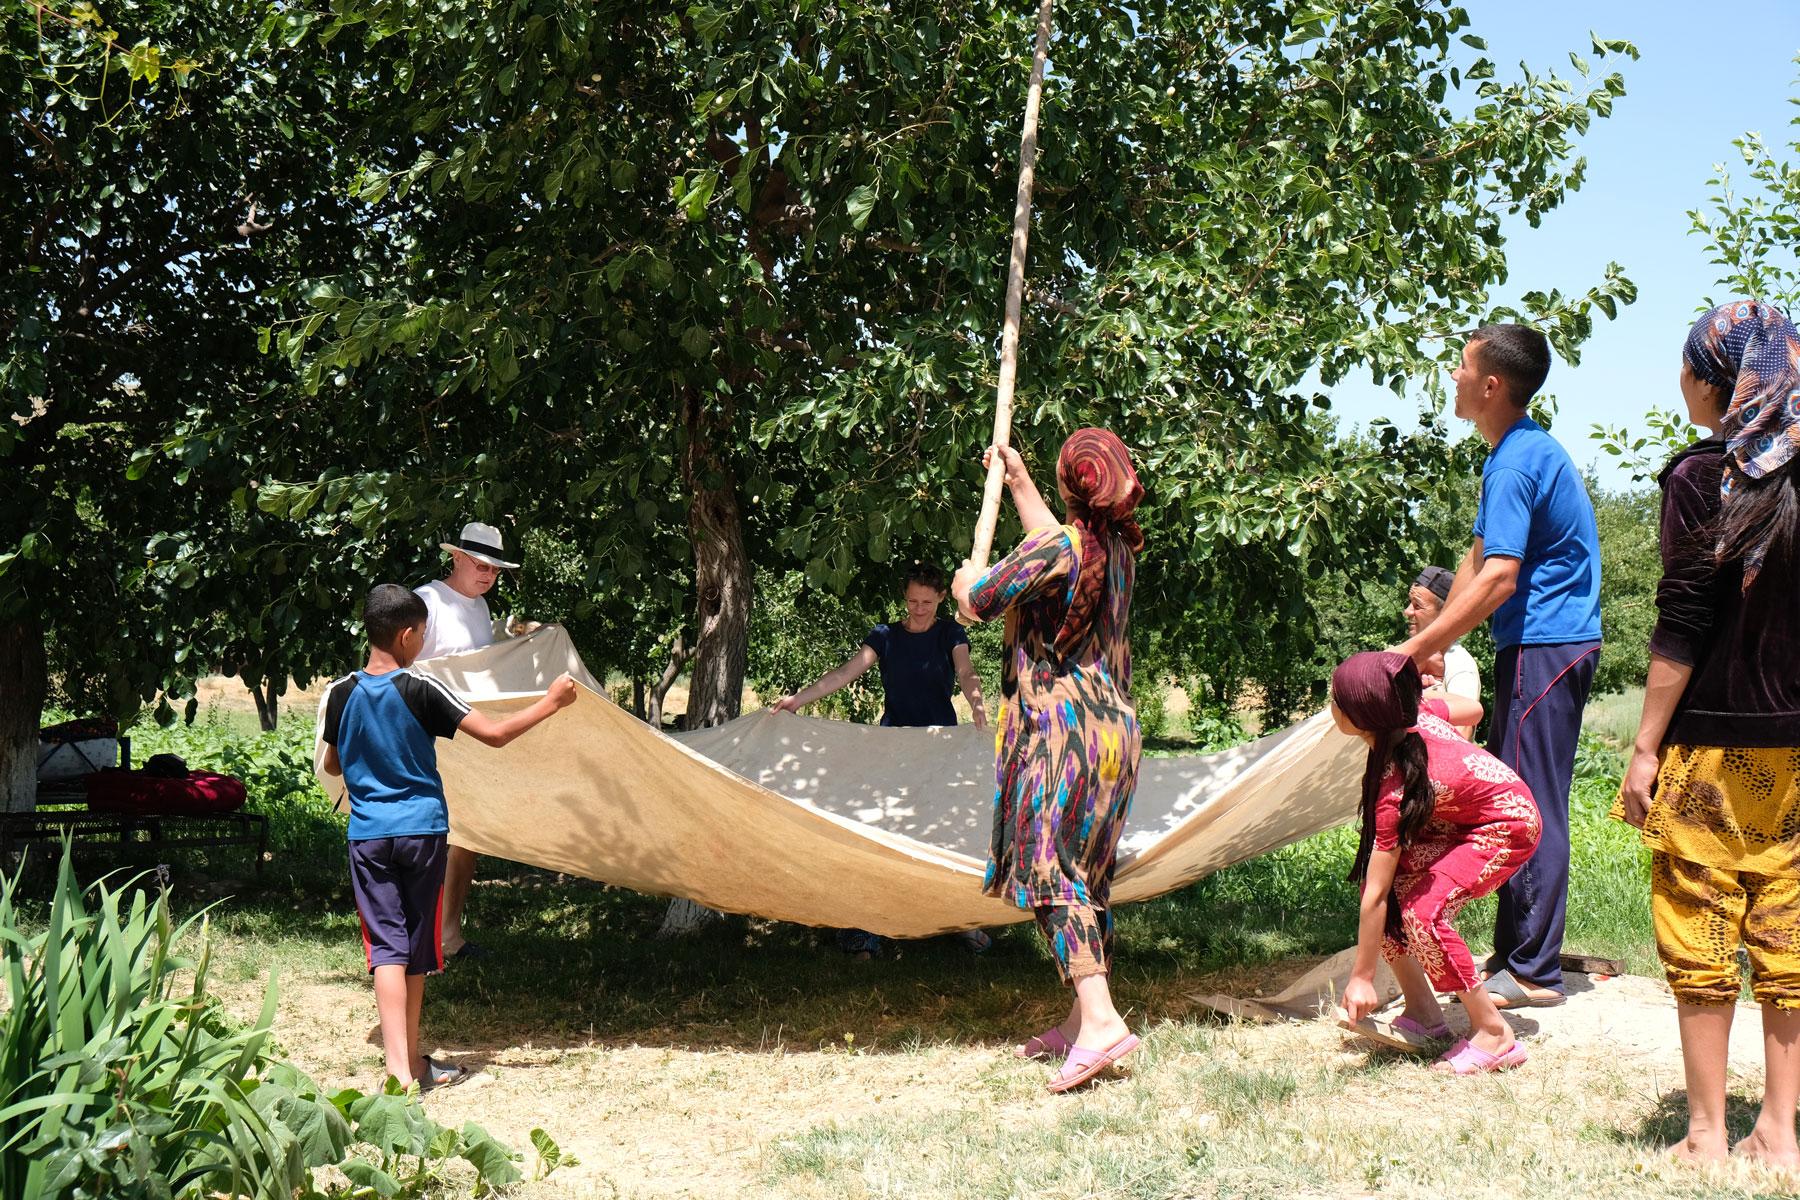 Menschen ernten mit einem großen Tuch Maulbeeren in einem Garten